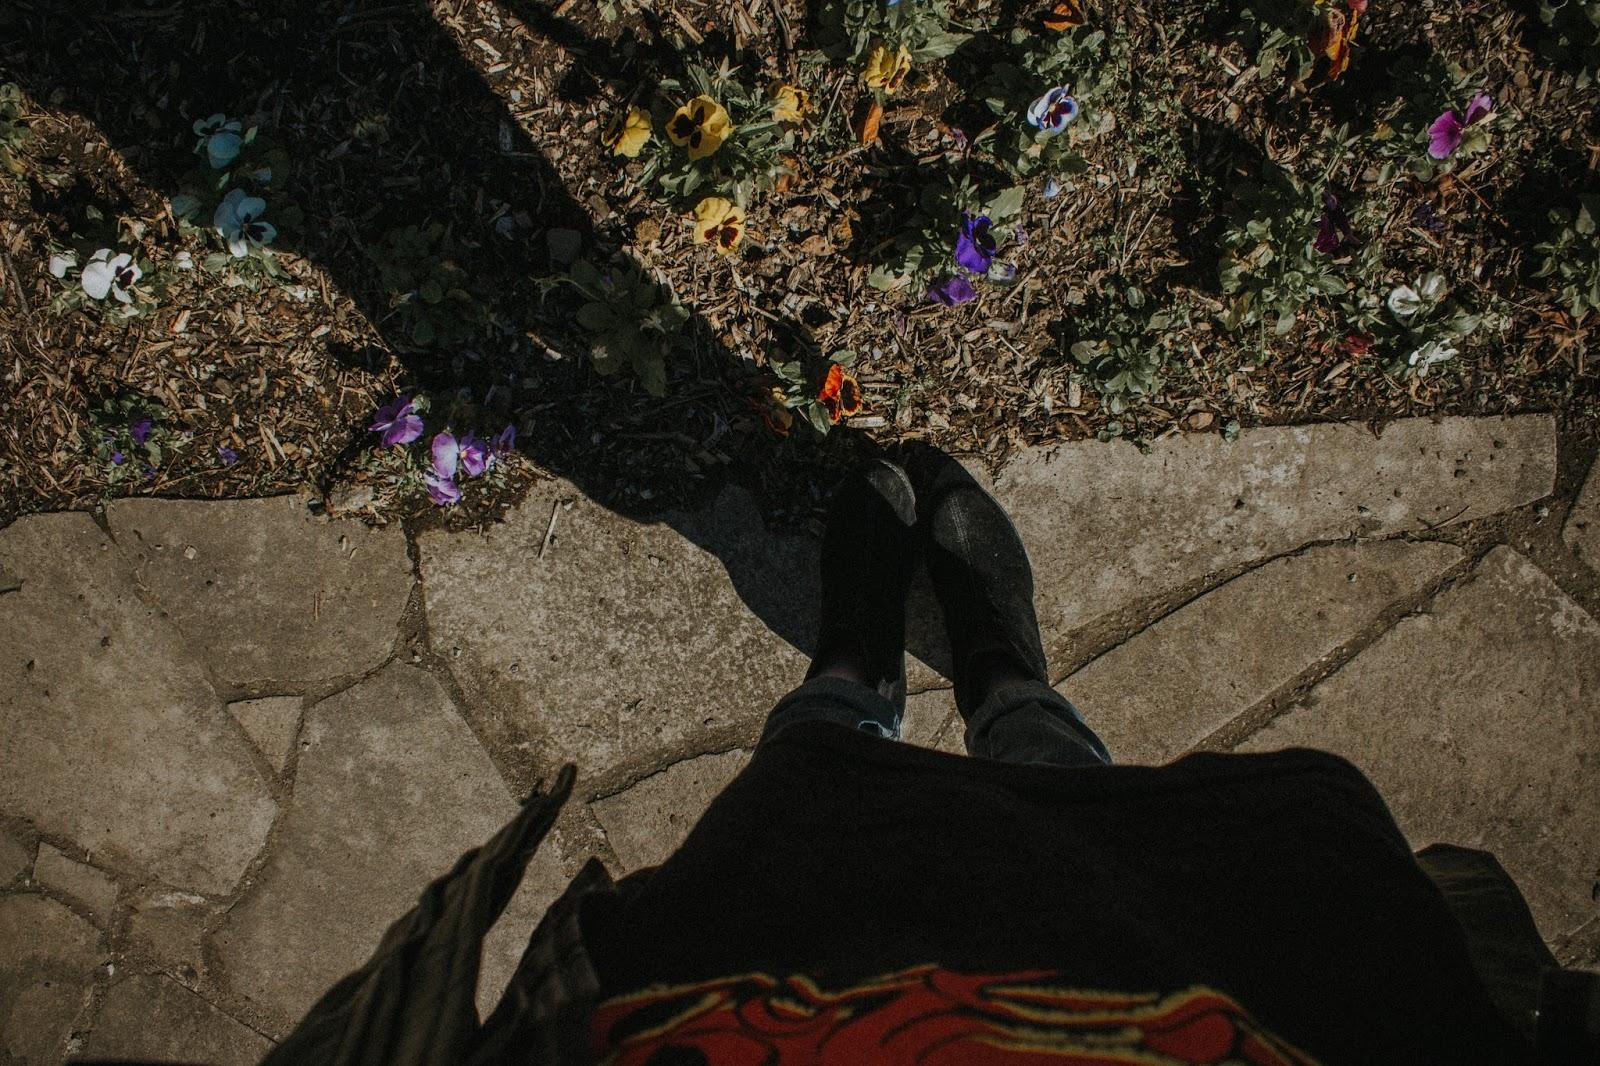 Serra Gaúcha: Fotos do final de Semana em Gramado. Esse jardim do pórtico de Gramado me deixou super triste, nele quase não tinha flor e não era por culpa do frio, já que no pórtico de Ivoti - uma cidade vizinha que também é lindinha - estava repleto de flores. Naquele jardim do Pórtico de Ivoti tinha tanta flor que elas caíam para o asfalto, nem tirei foto por pensar que em Gramado iria estar assim